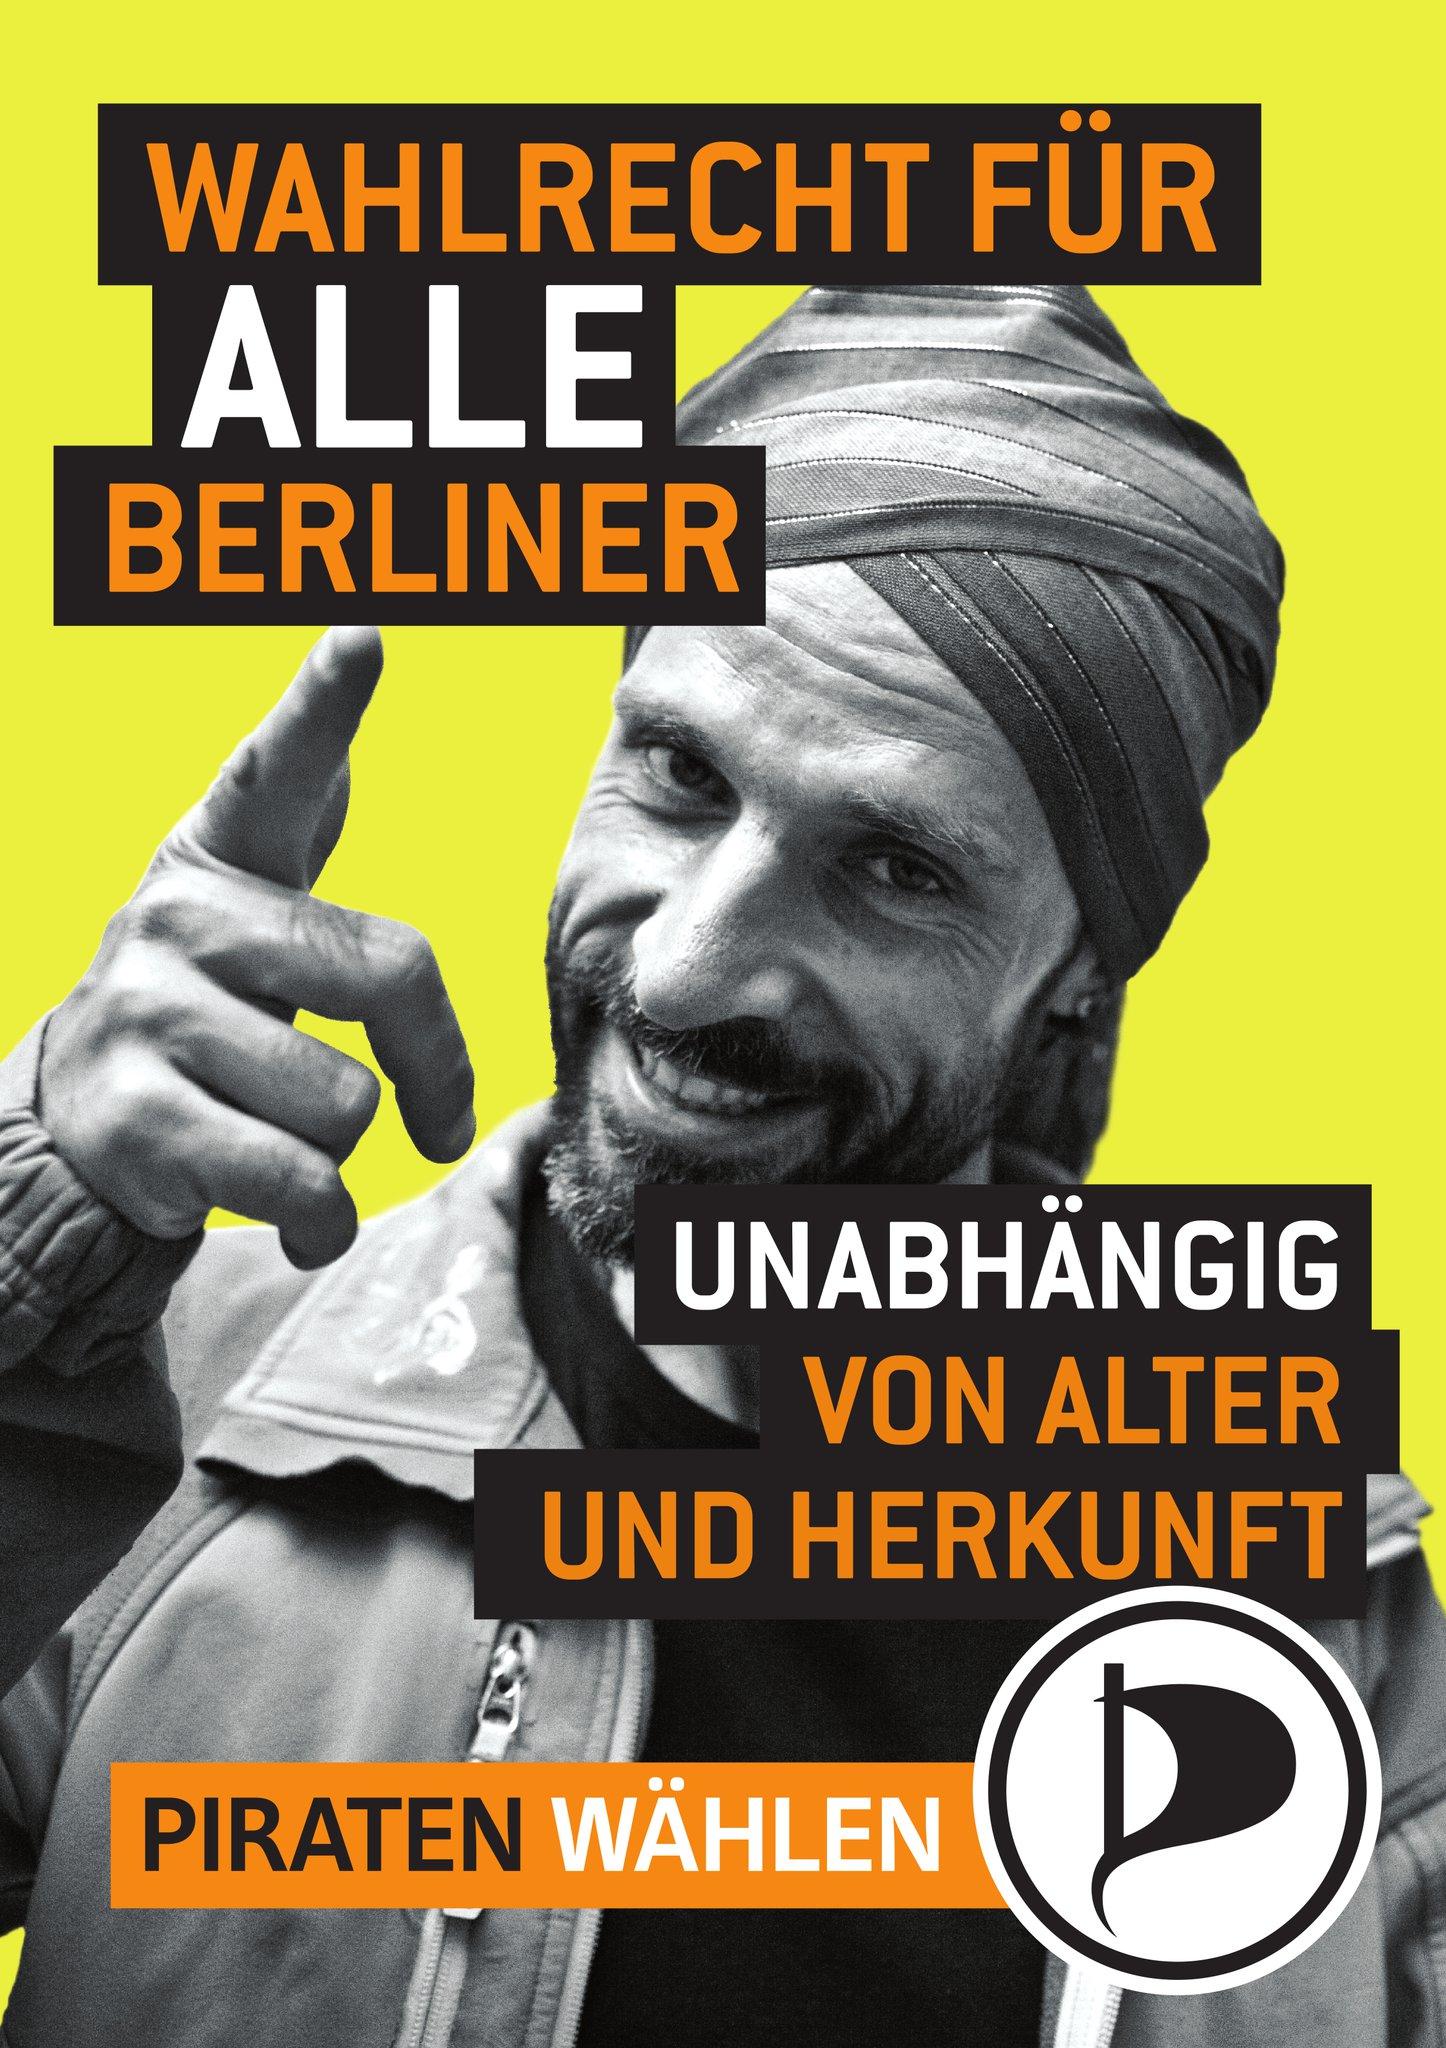 berlinplakat.04.jpg